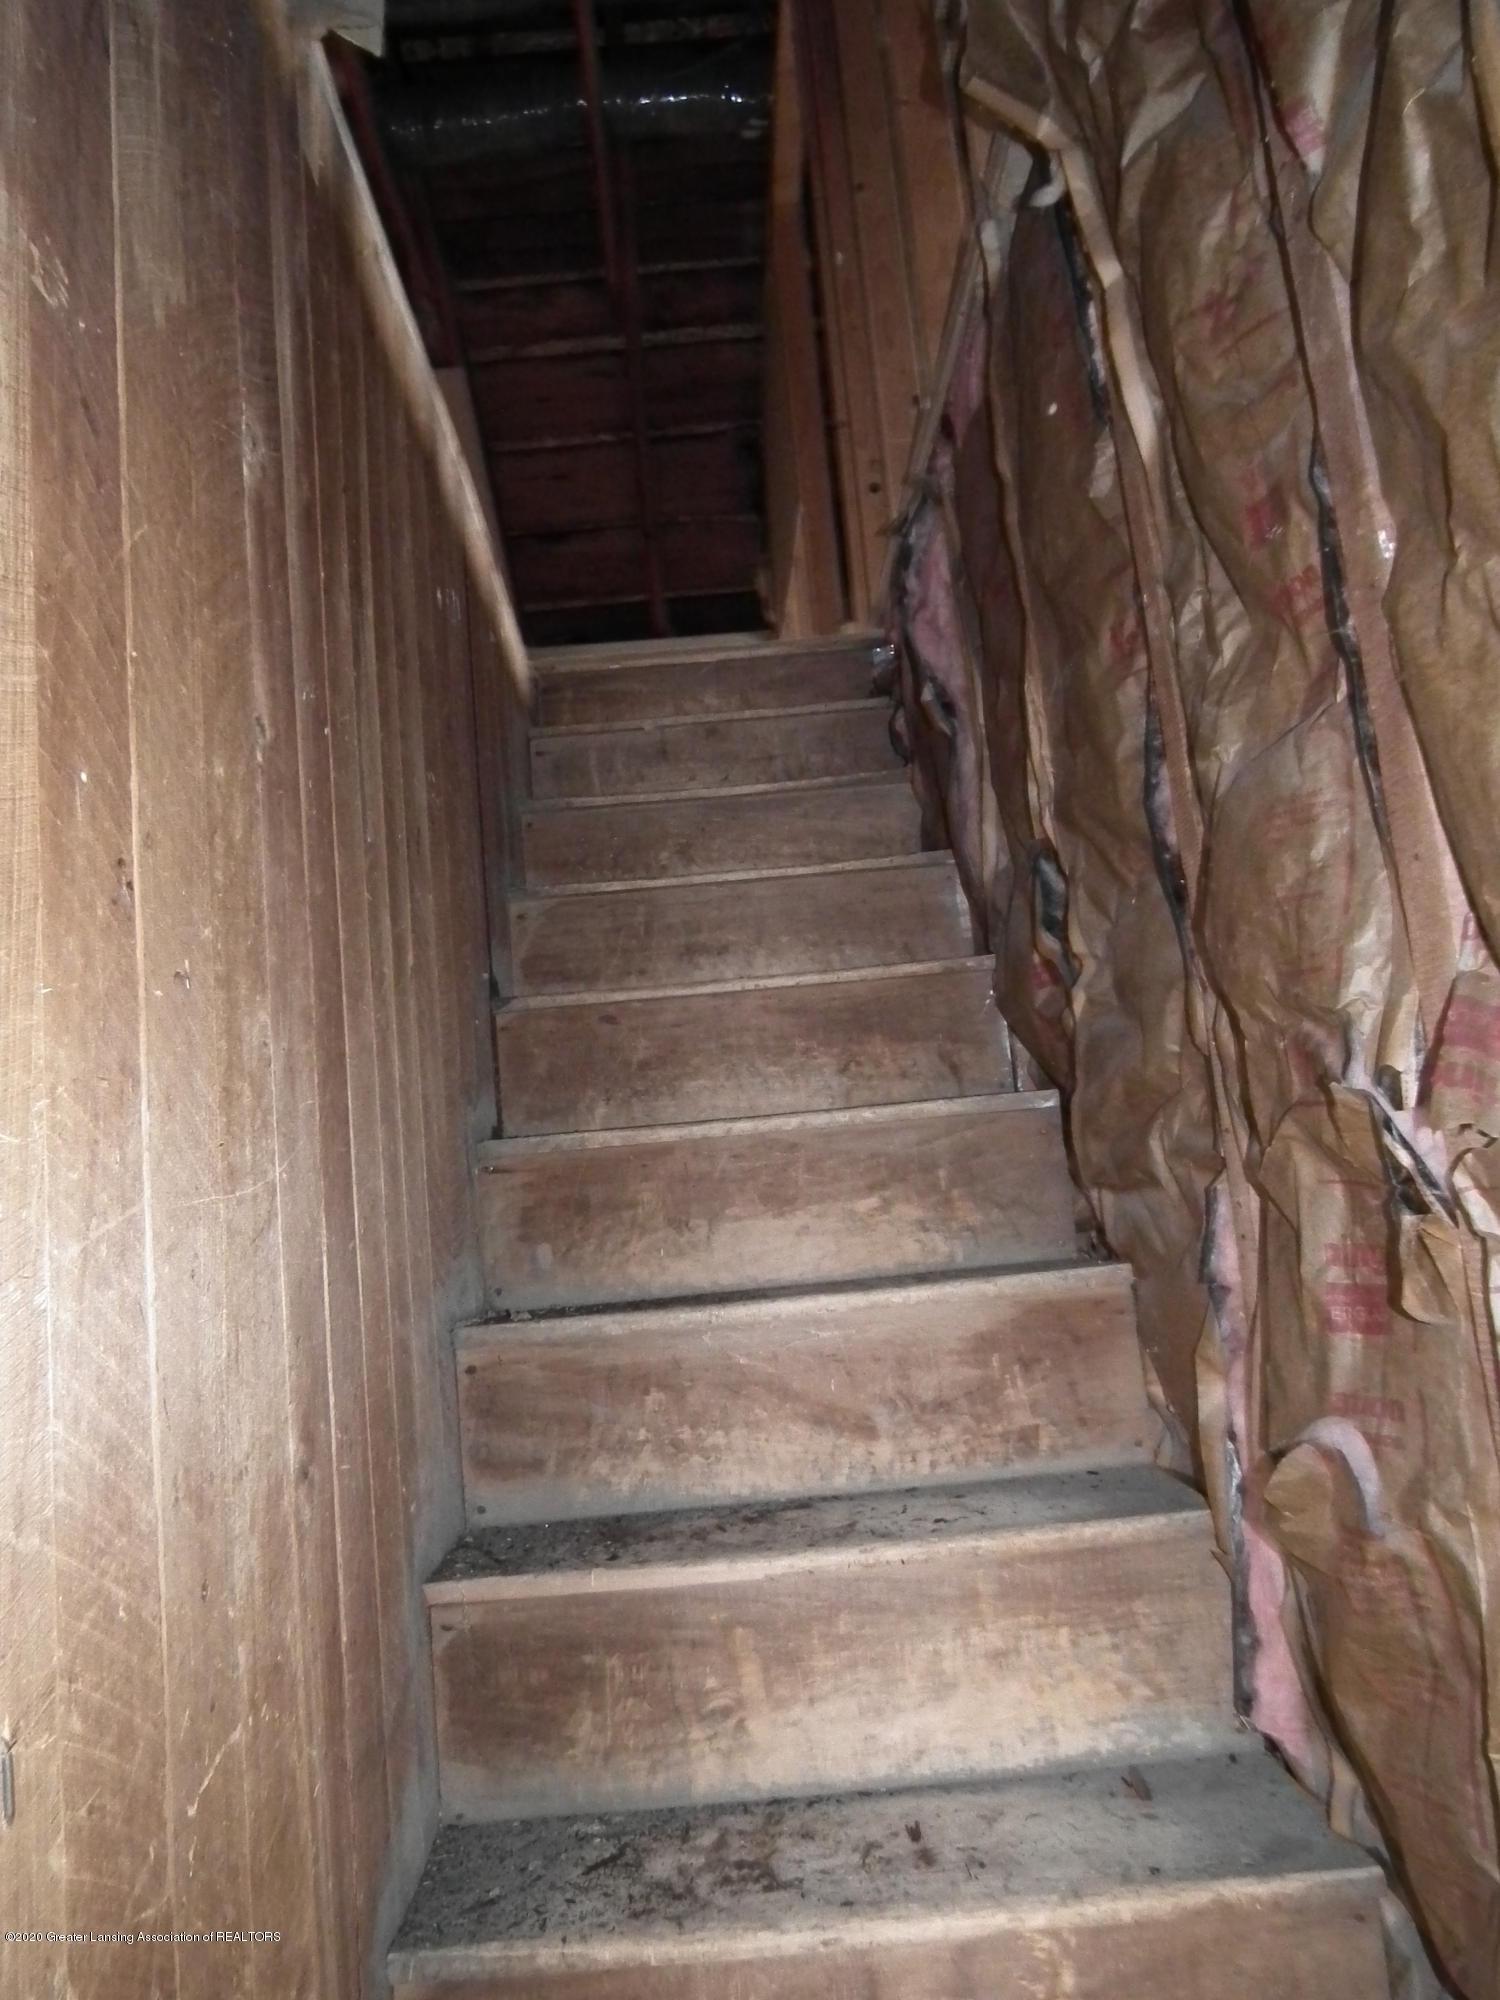 209 N Church St - Attic Stairs - 29